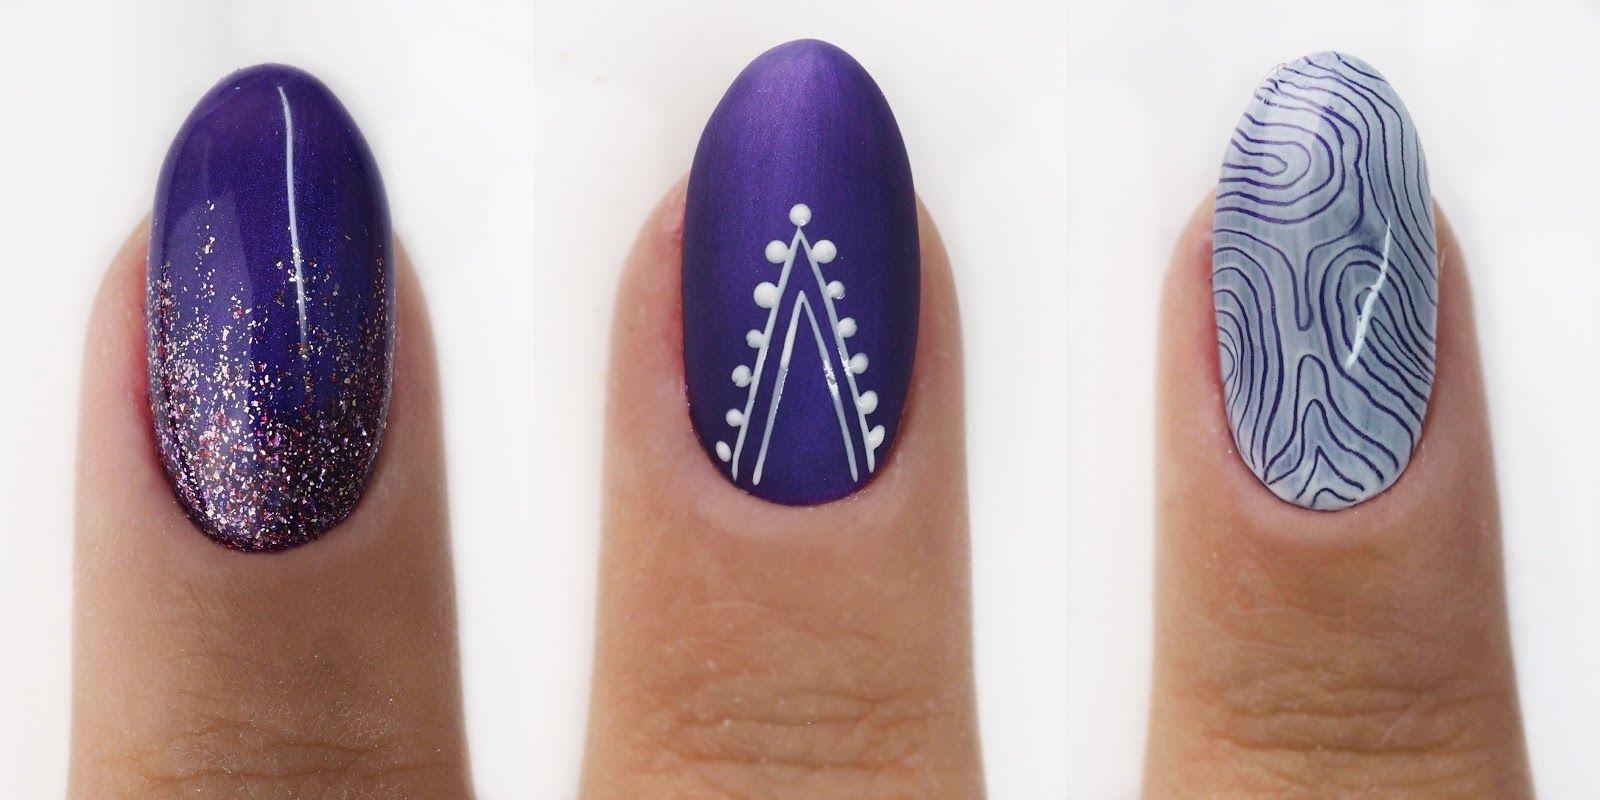 Wzorki Na Krotkie Paznokcie 12 Propozycji Zdobien Manicure